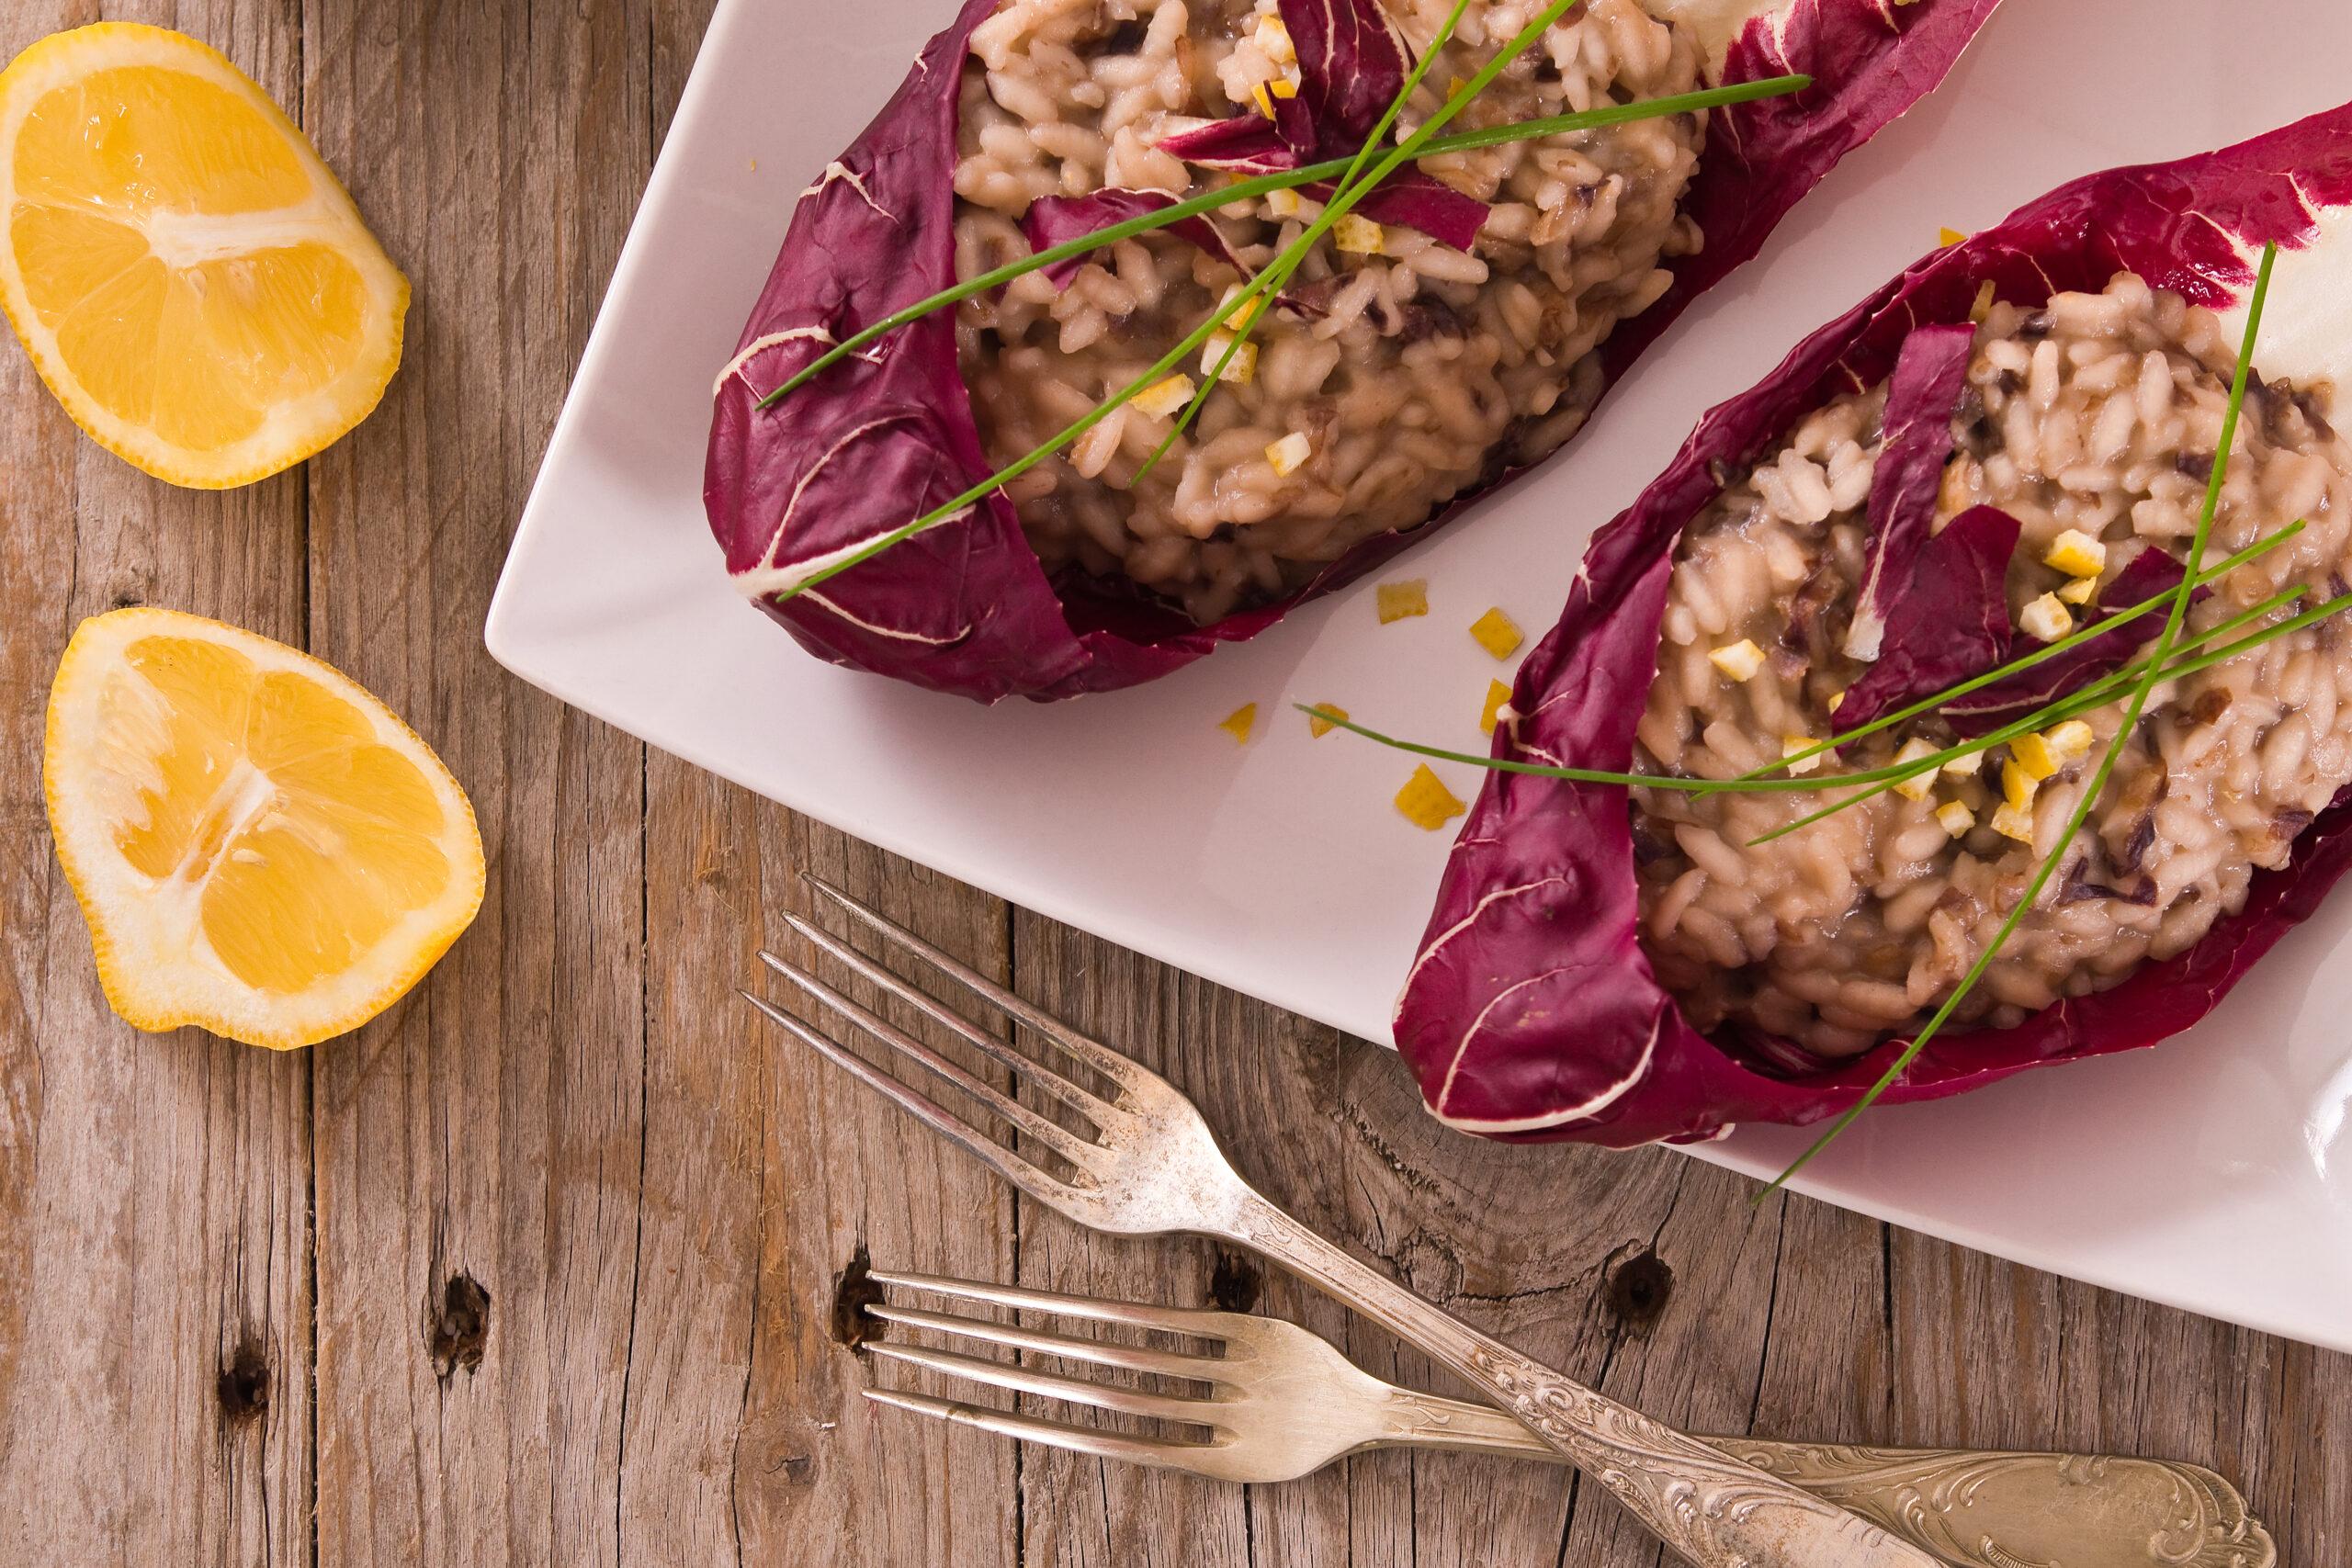 Magrella centro di dimagrimento dieta Ferrara dieta dimagrante come dimagrire velocemente